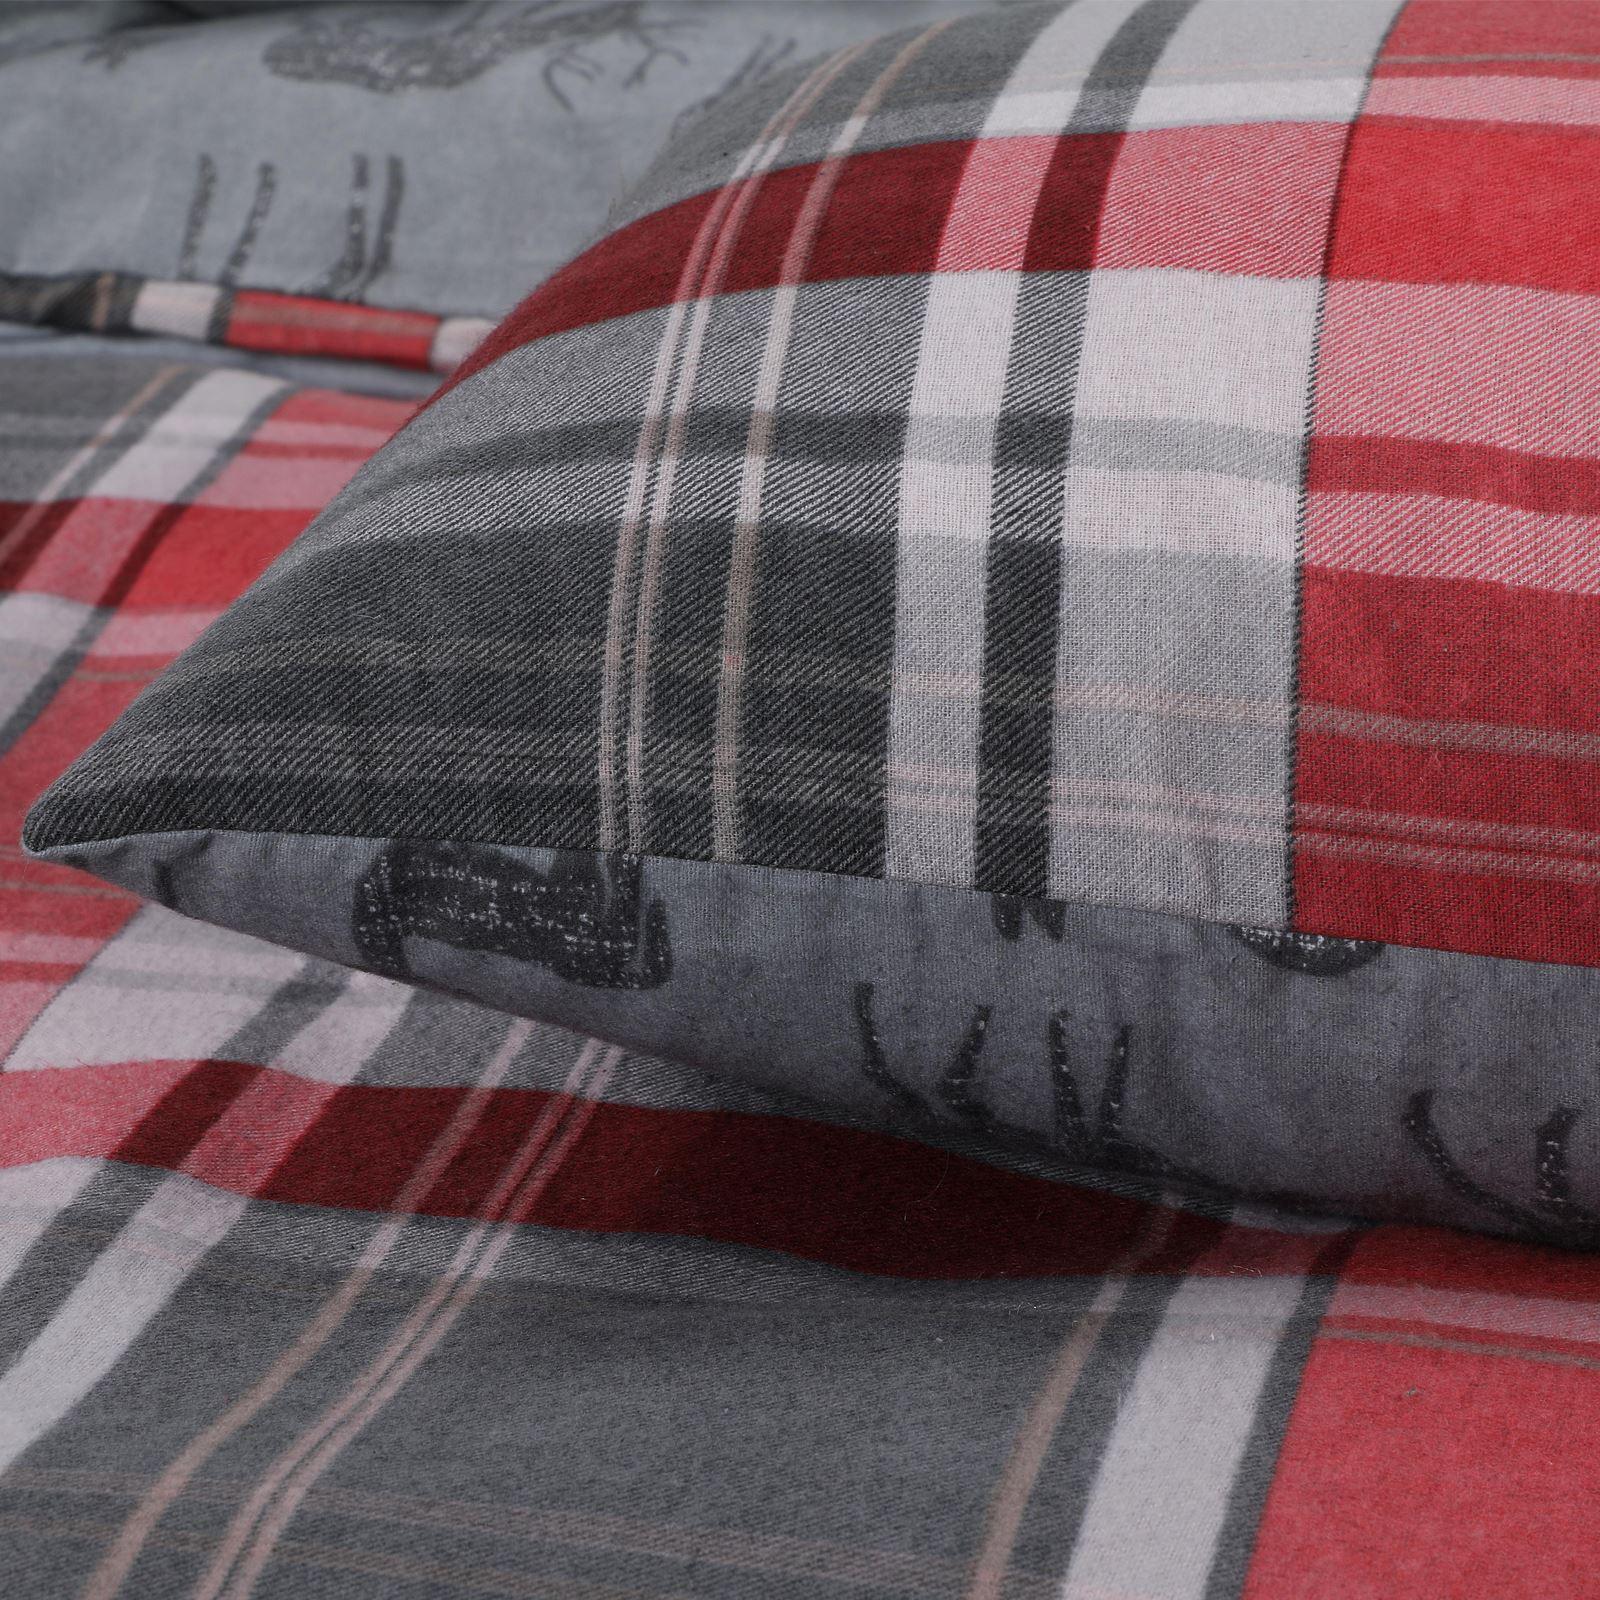 Tartan-100-Brushed-Cotton-Duvet-Cover-Flannelette-Check-Quilt-Set-Bed-Linen-Set thumbnail 15